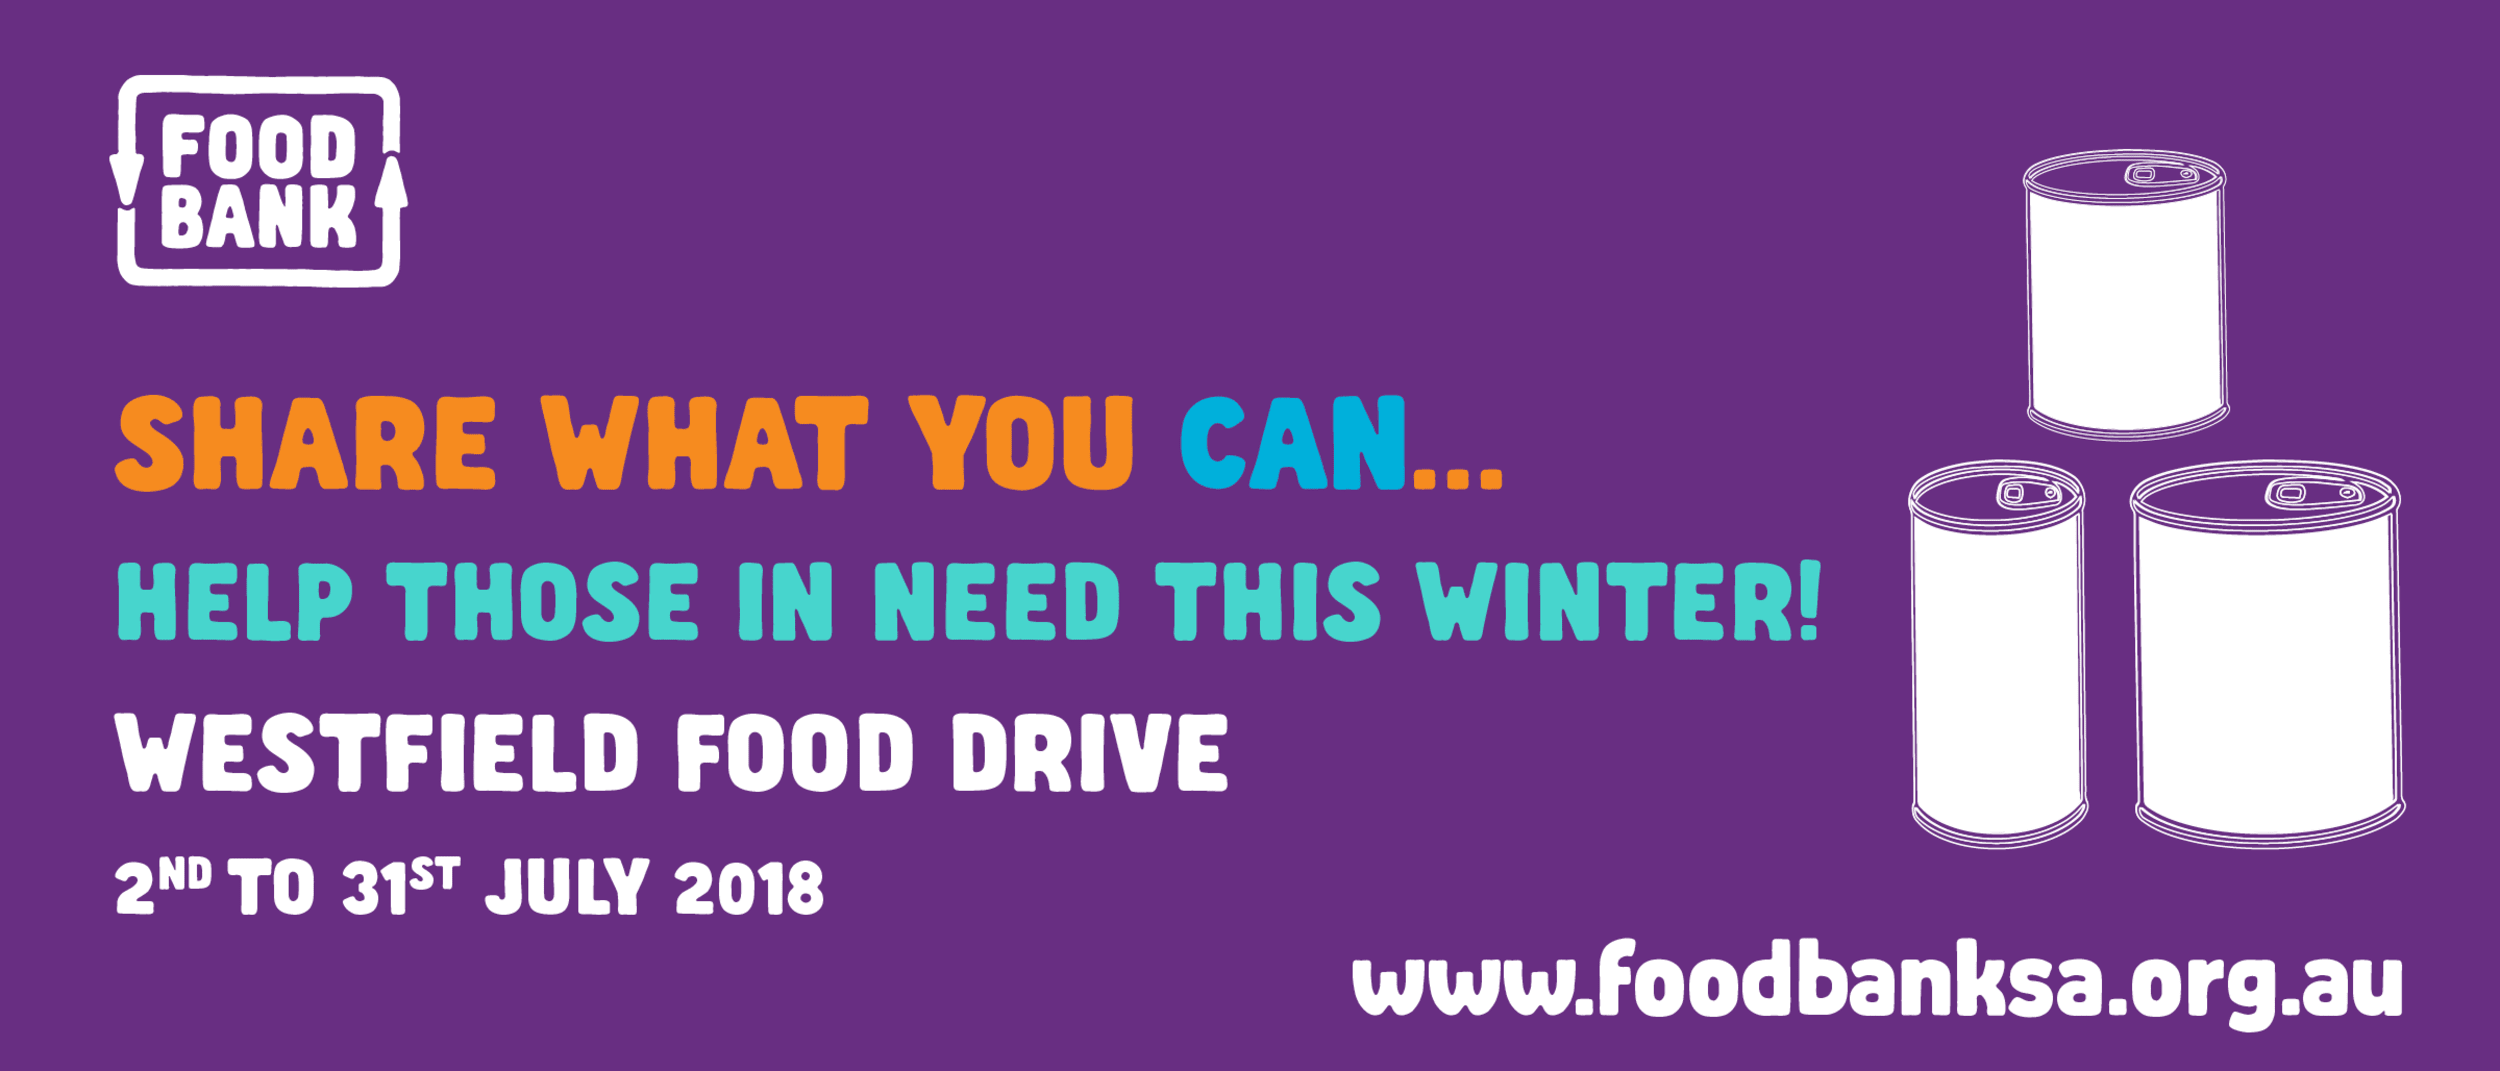 Foodbank food drive